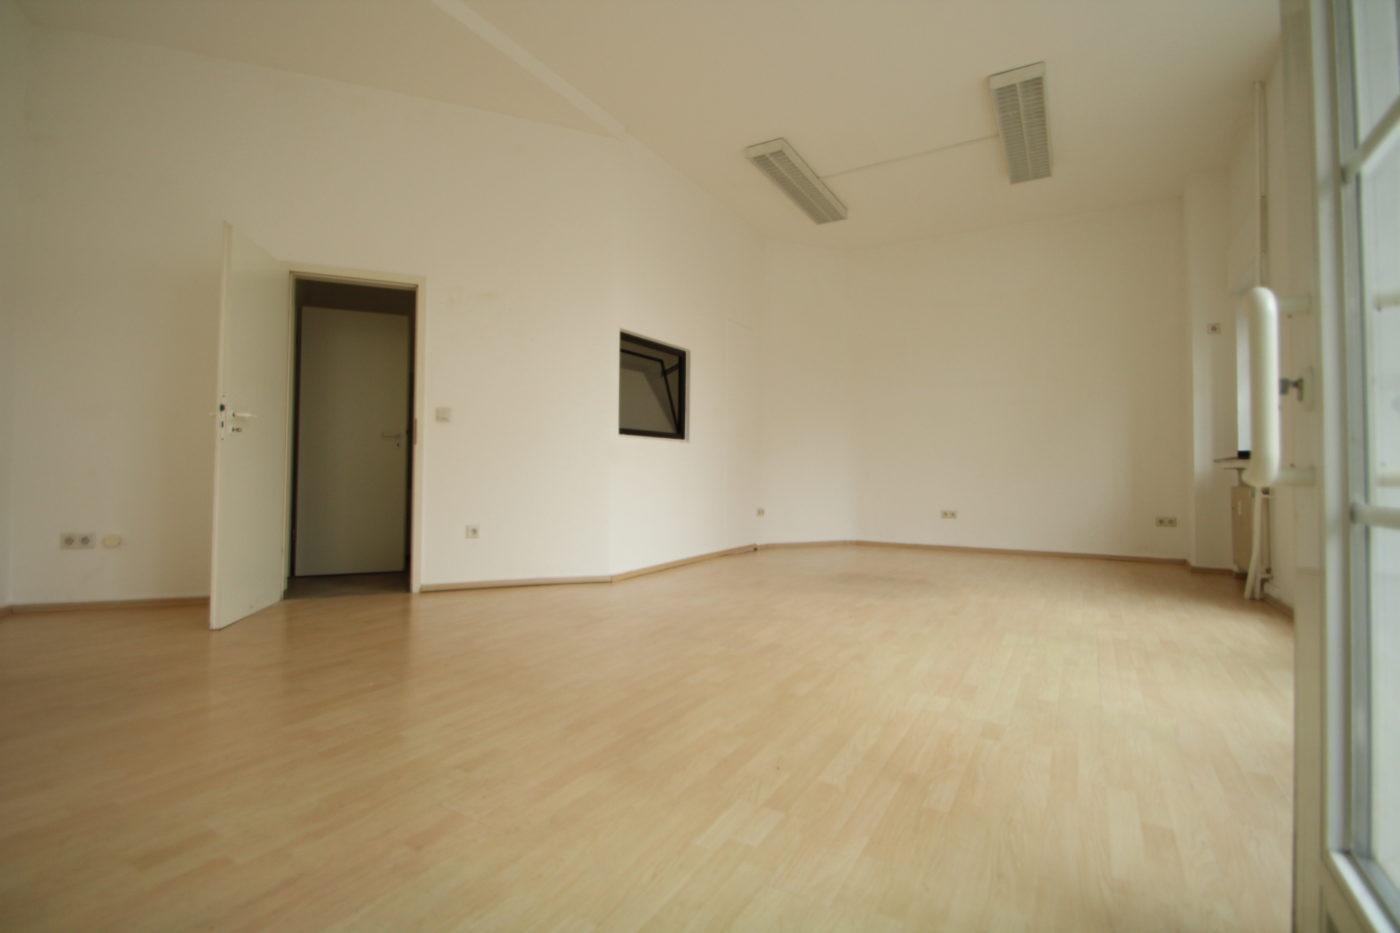 Diese leer stehende Gewerbefläche in Soest fand keinen Mieter. Vielen Interessenten fehlt die nötige Vorstellungskraft, sich leere Immobilien möbliert vorzustellen. Zum Glück gibt es Blickfang Home Staging - DIE Home Staging Experten in Soest